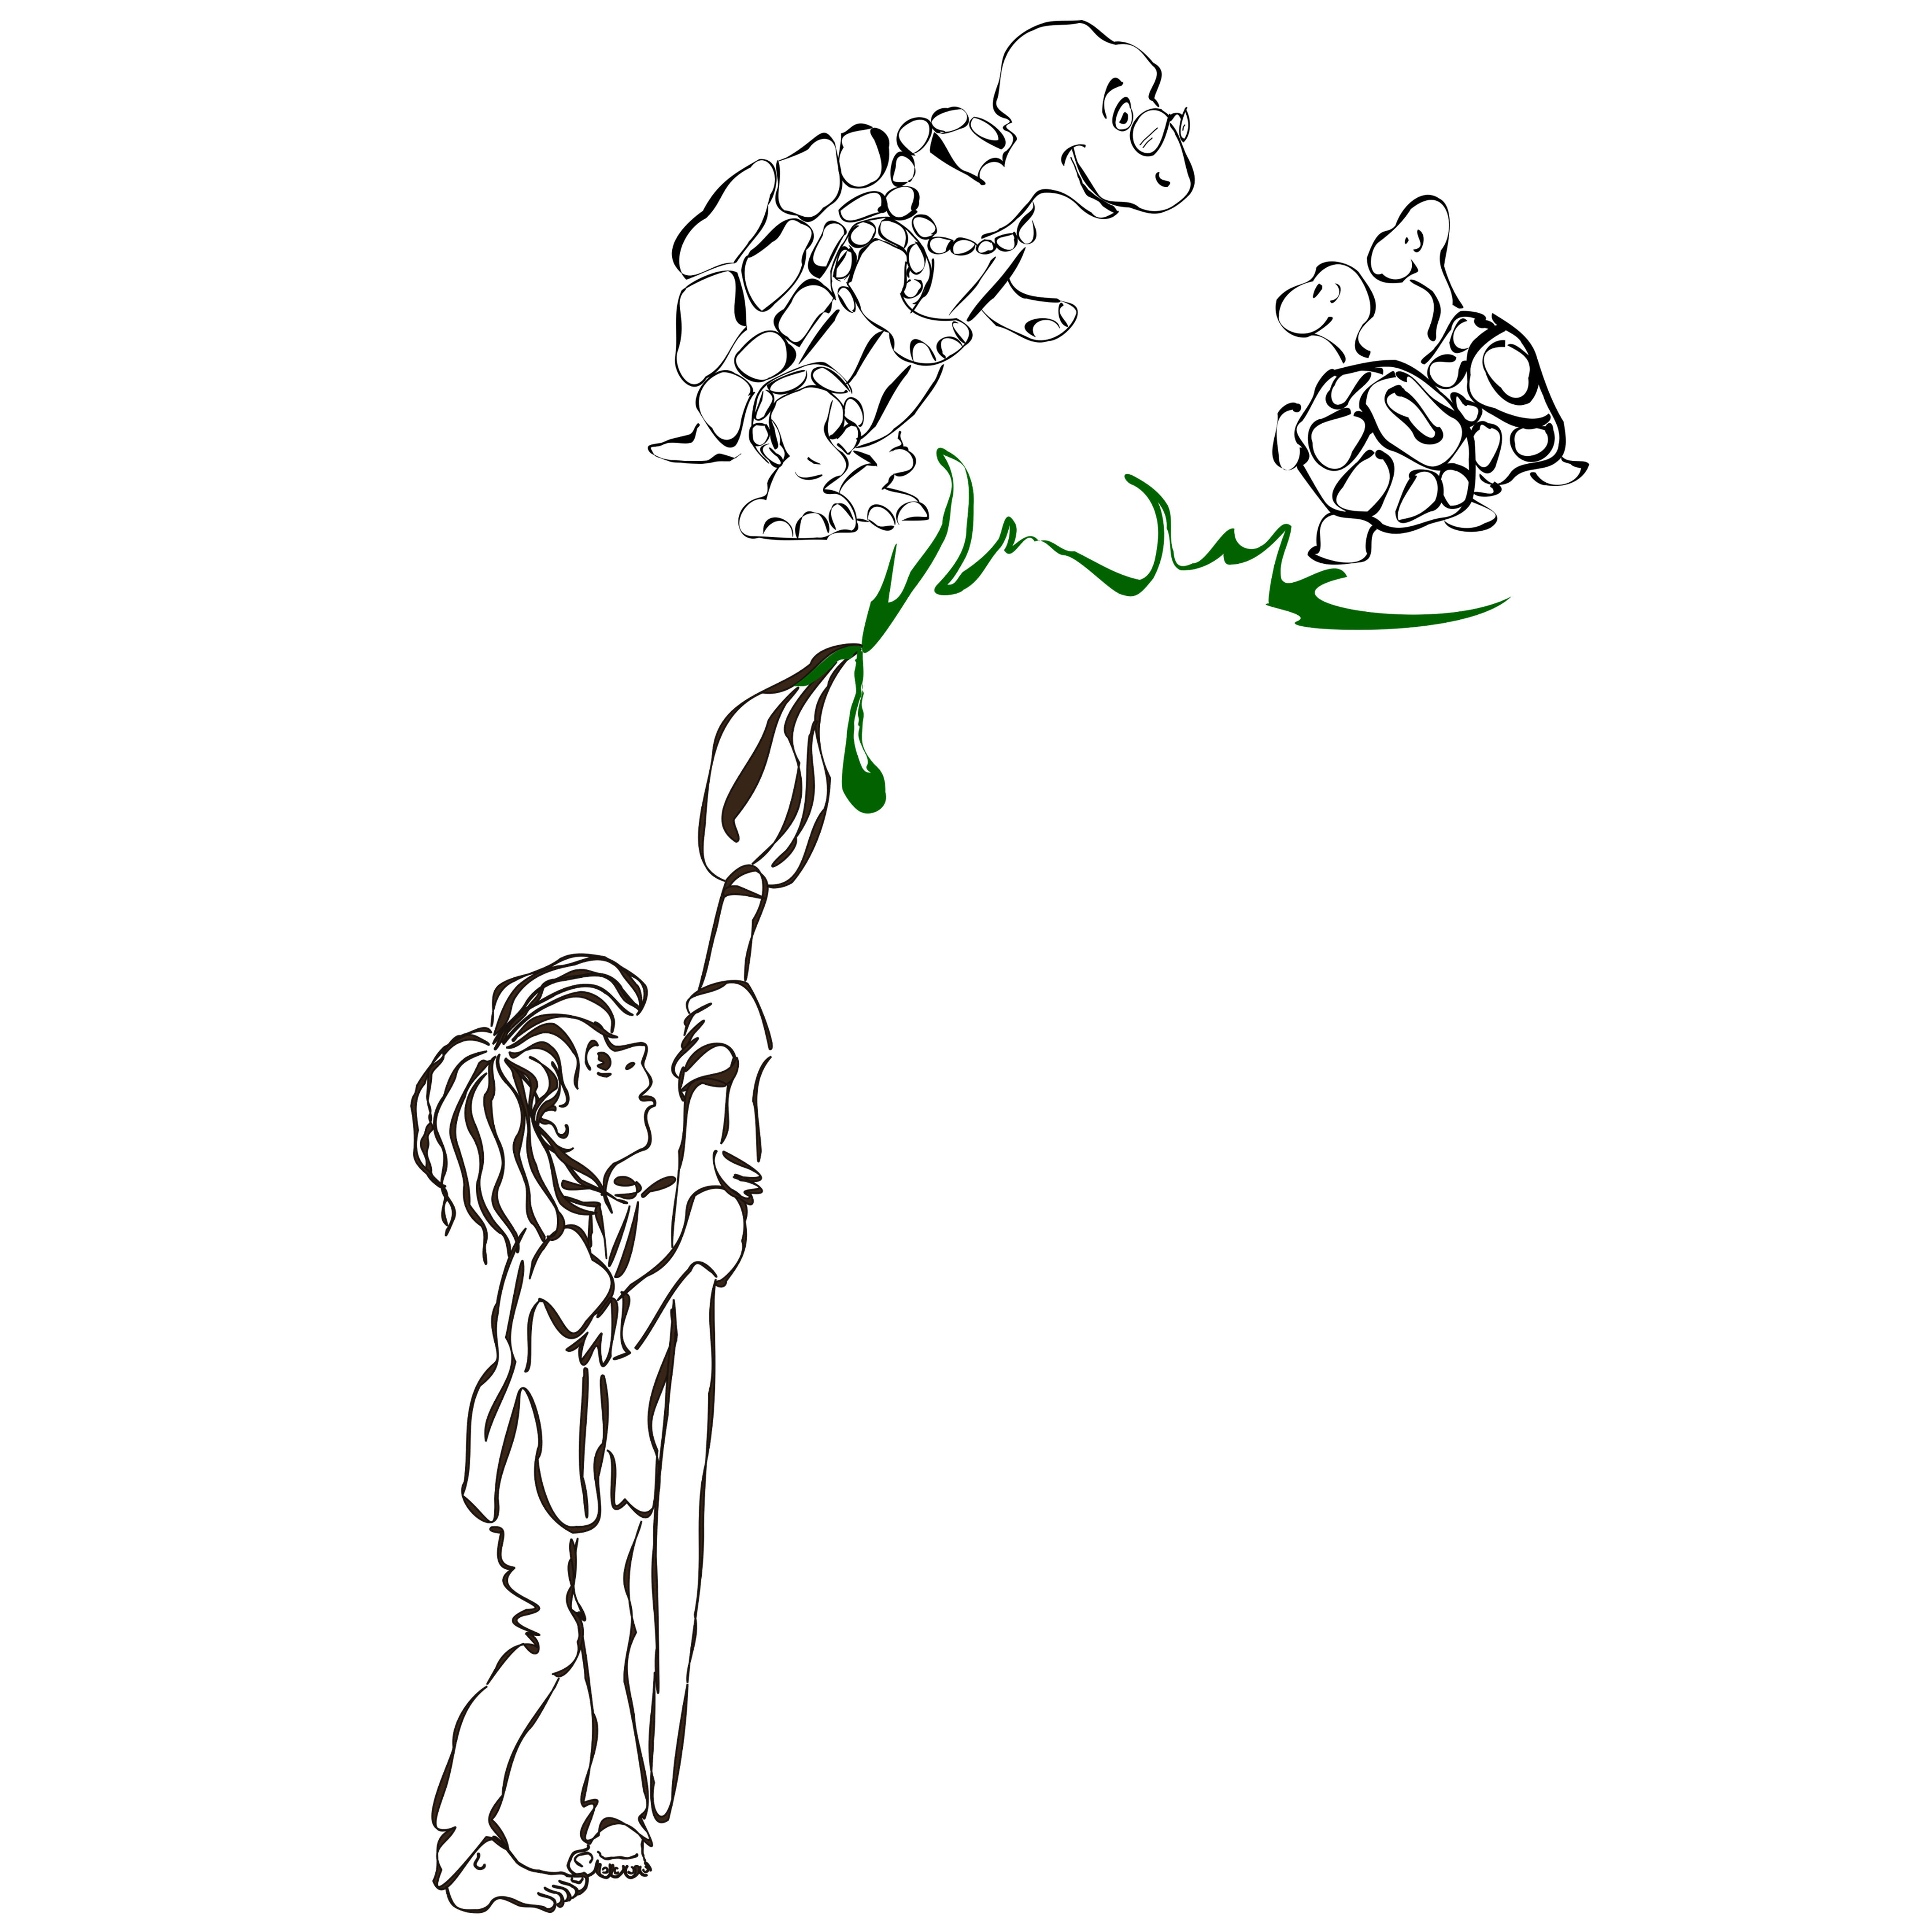 brush&tortoise sketch